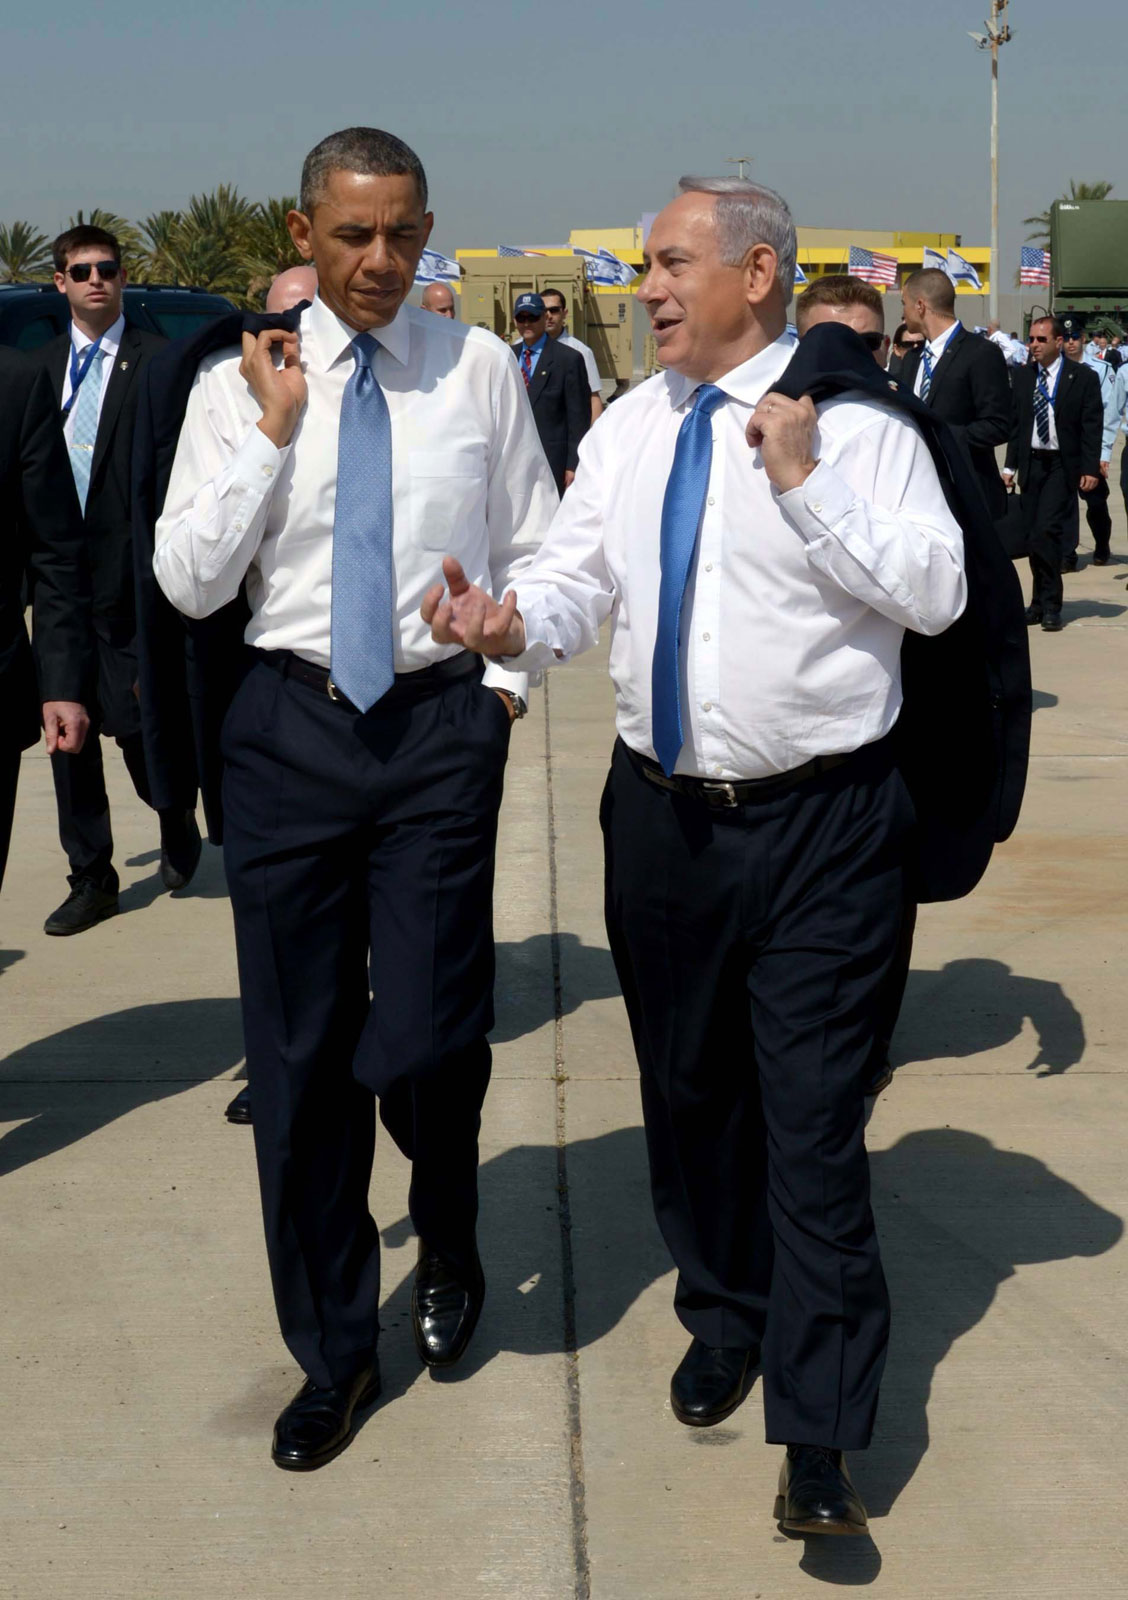 """נשיא ארה""""ב ברק אובמה וראש ממשלת ישראל בנימין נתניהו בשדה התעופה בן-גוריון, אתמול (צילום: אבי אוחיון, לע""""מ)"""